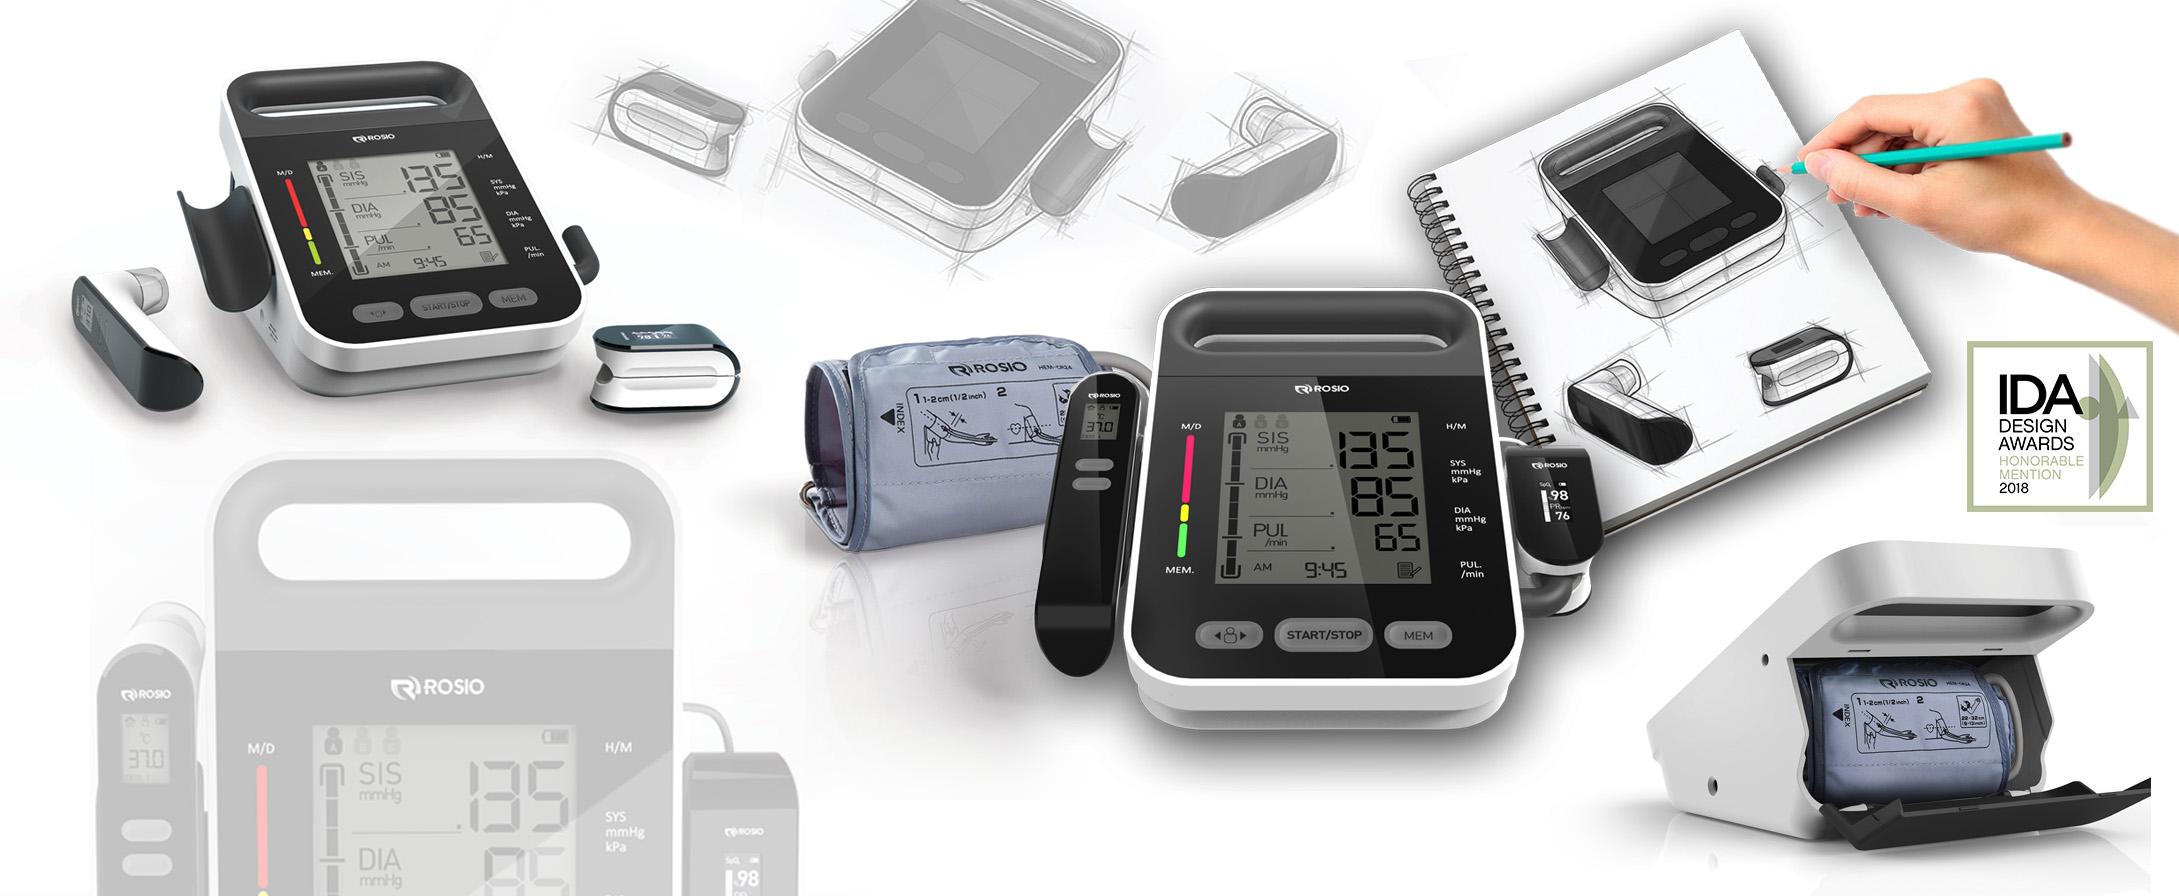 Arman Tasarım ürünü, 2019 yılı IDA ödülü sahibi Sağlık Kiti görseli